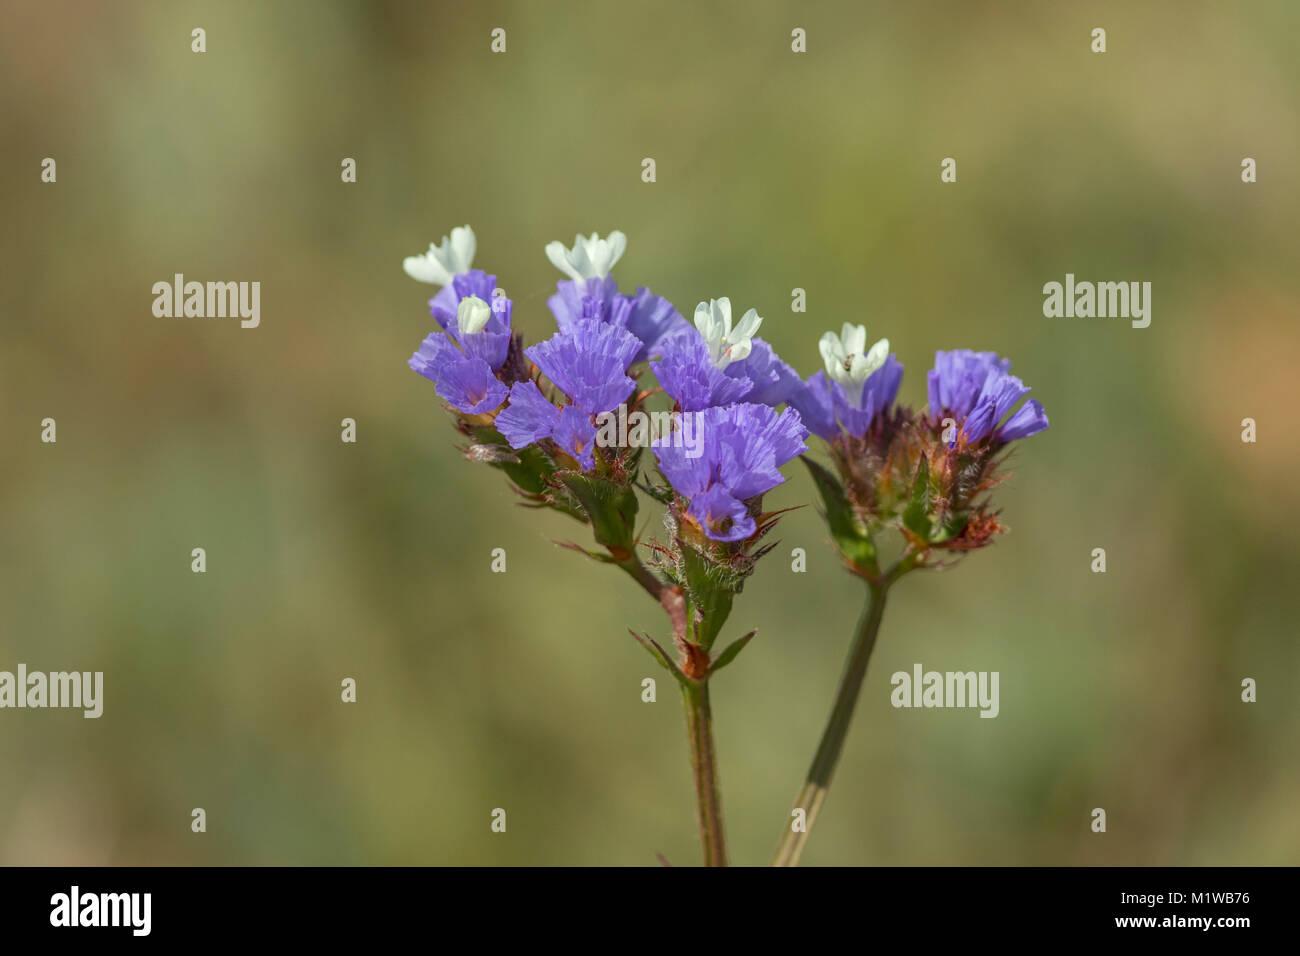 Flowering Statice, Sea Lavender (Limonium sinuatum), - Stock Image